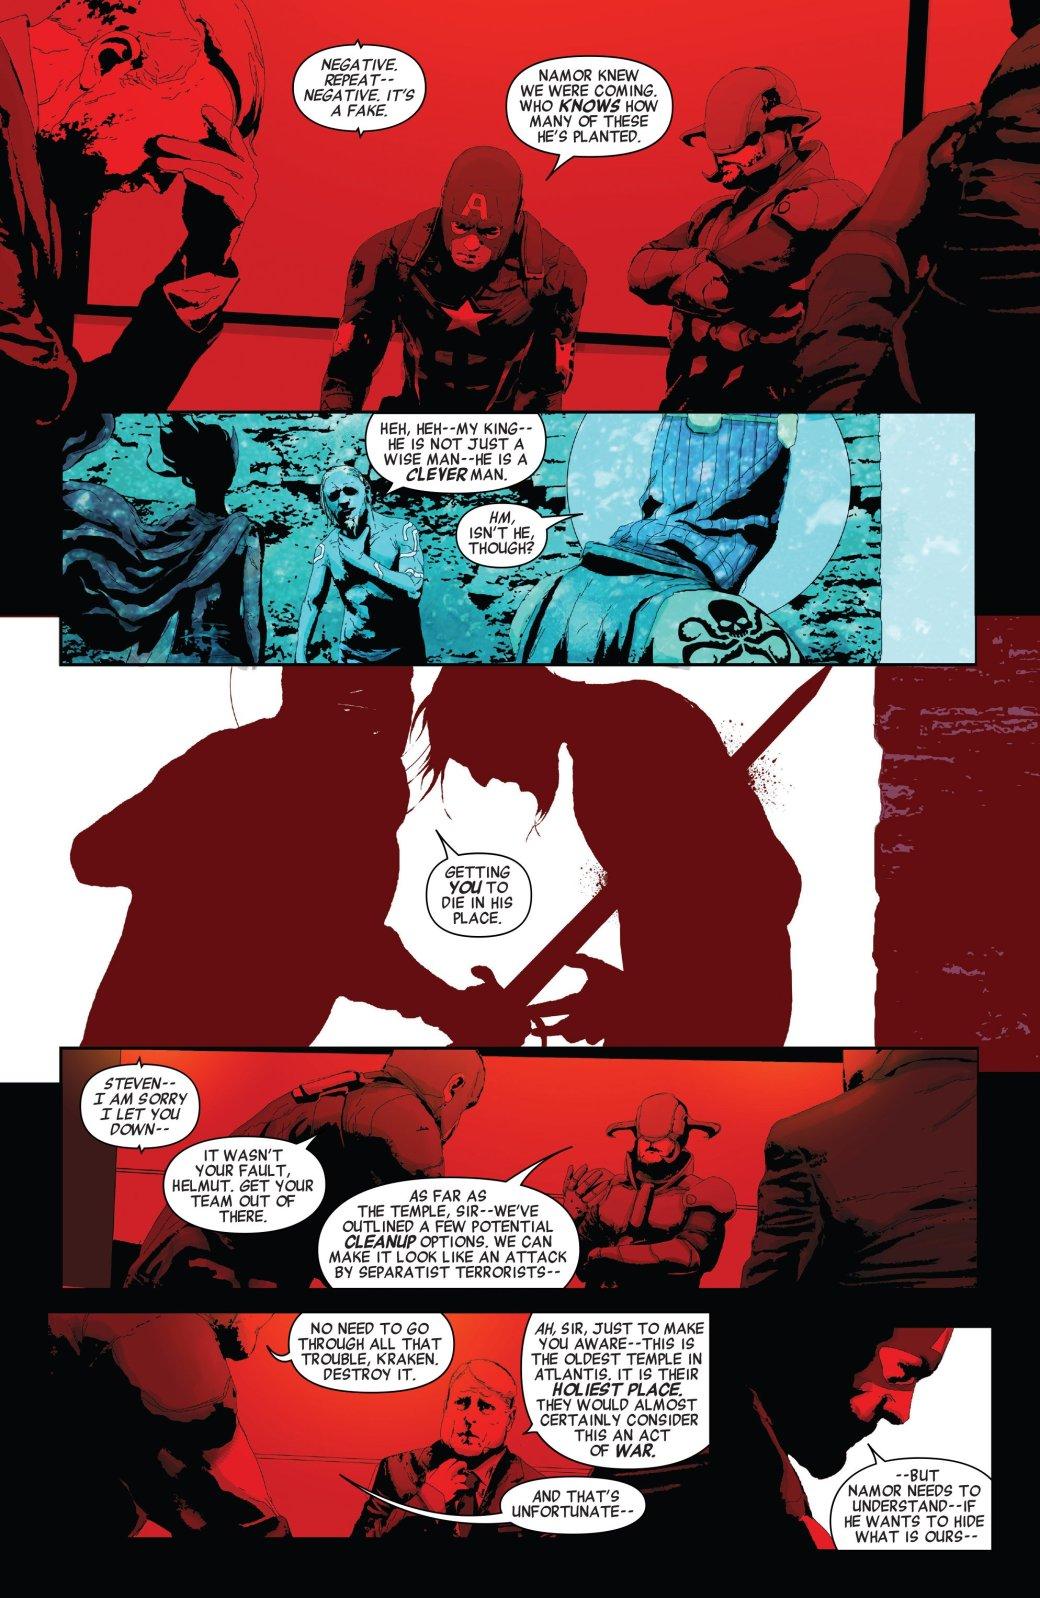 Secret Empire: Люди рады тому, что Гидра пришла к власти - Изображение 19